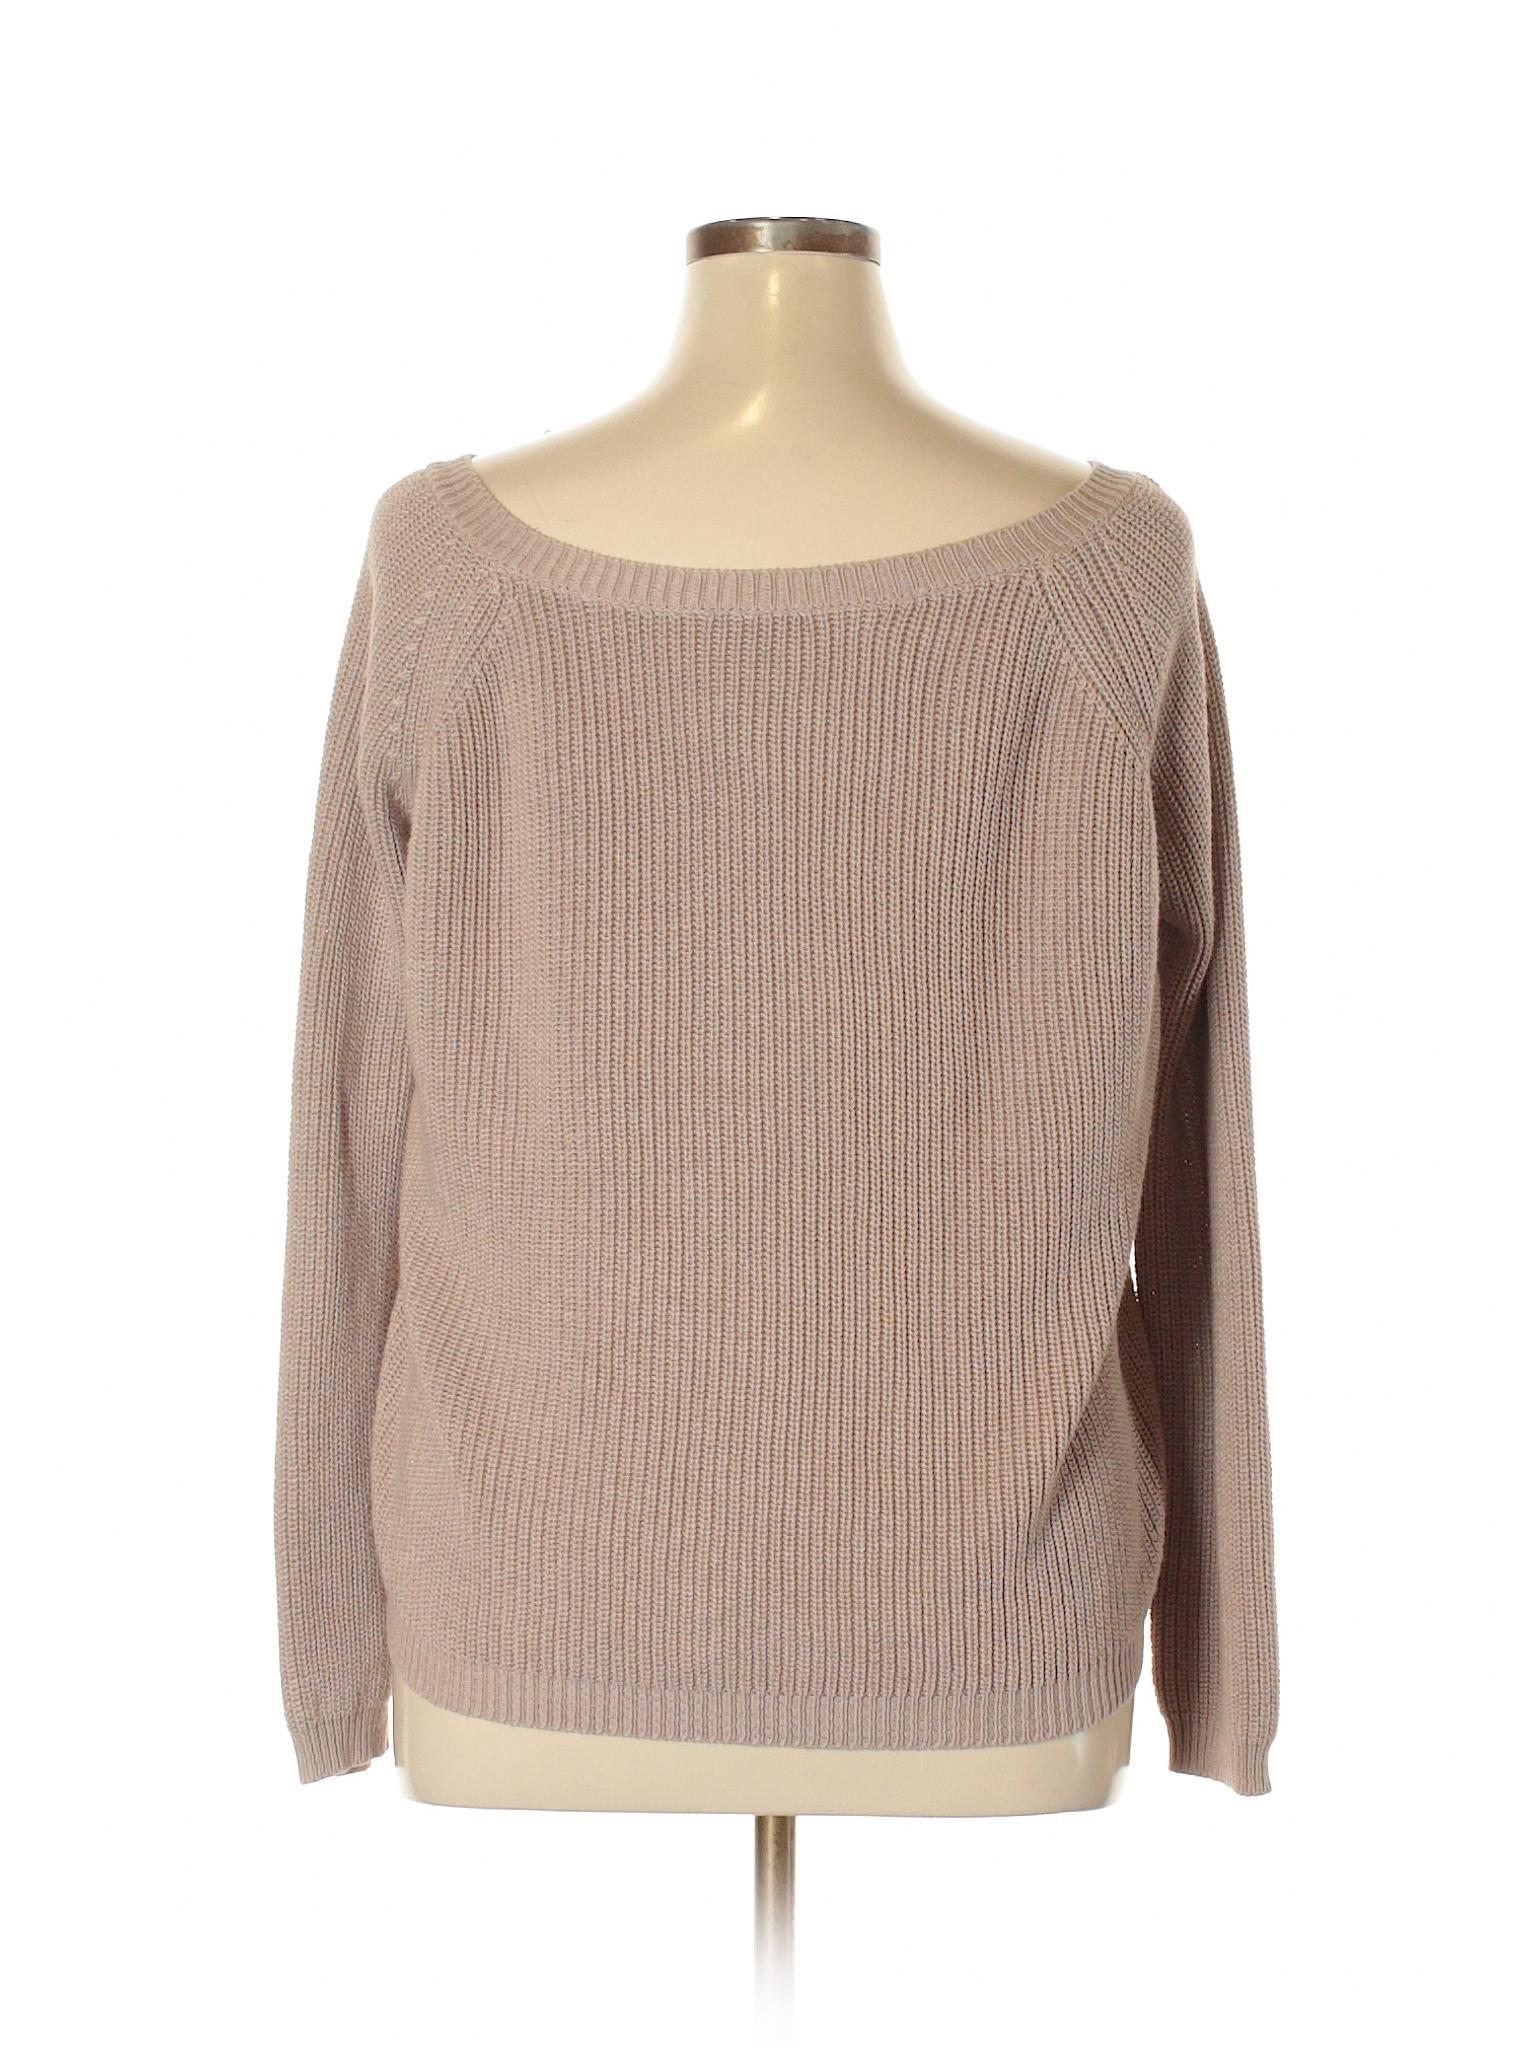 Lulu's Boutique Sweater Pullover Boutique Lulu's Boutique Sweater Pullover 6gnATv